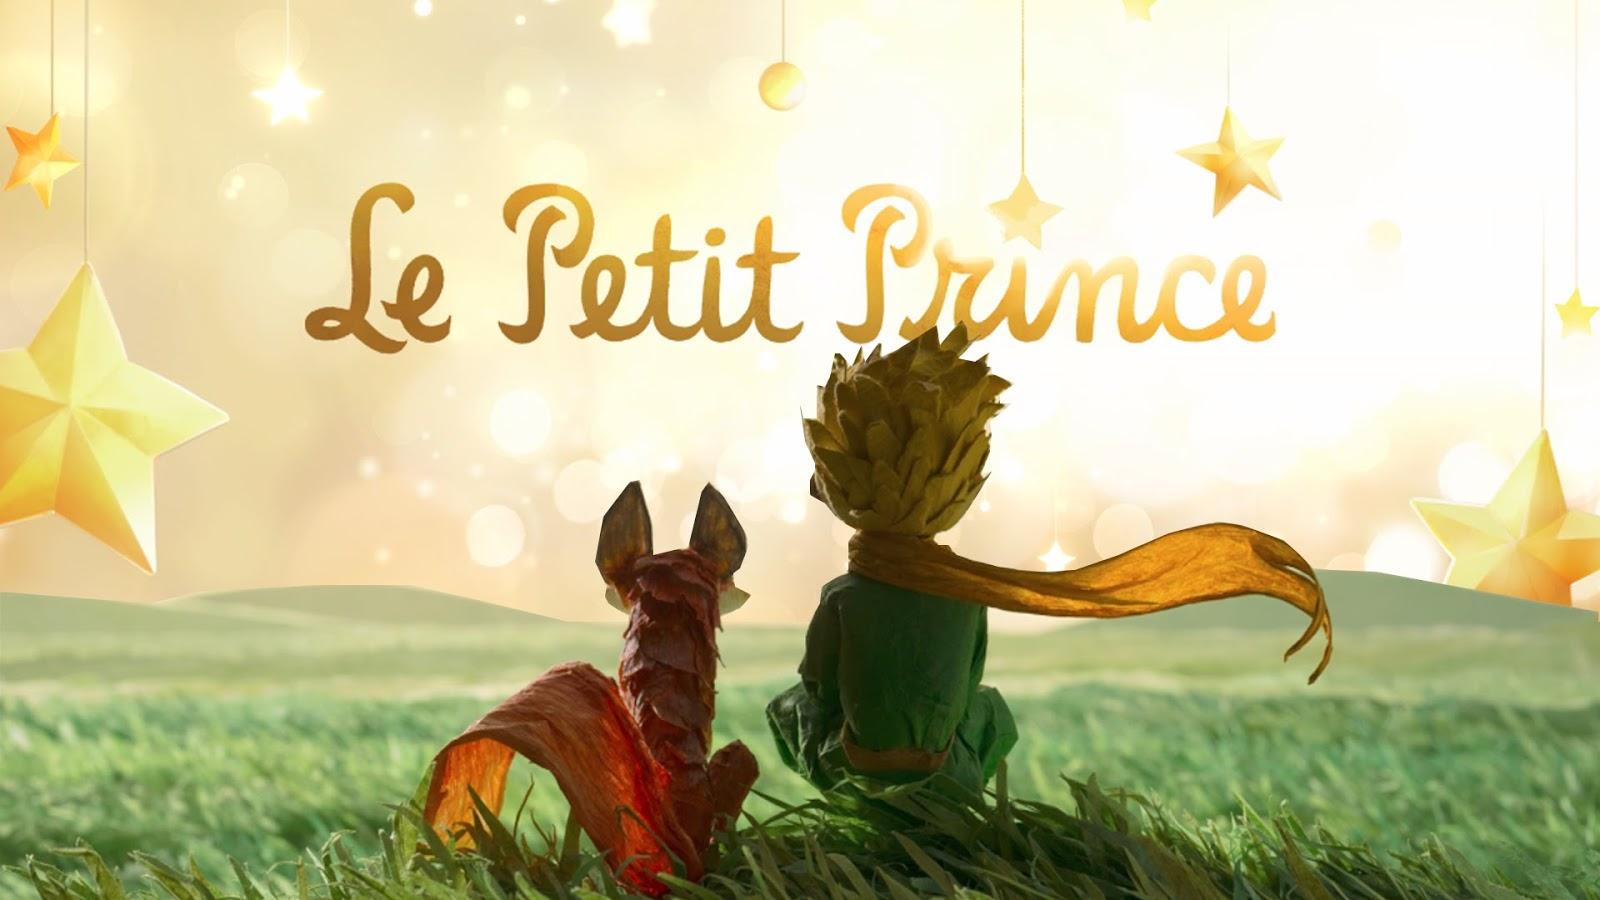 كتاب قصة الأمير الصغير le petit prince كاملة مكتوبة بالصوت والصورة